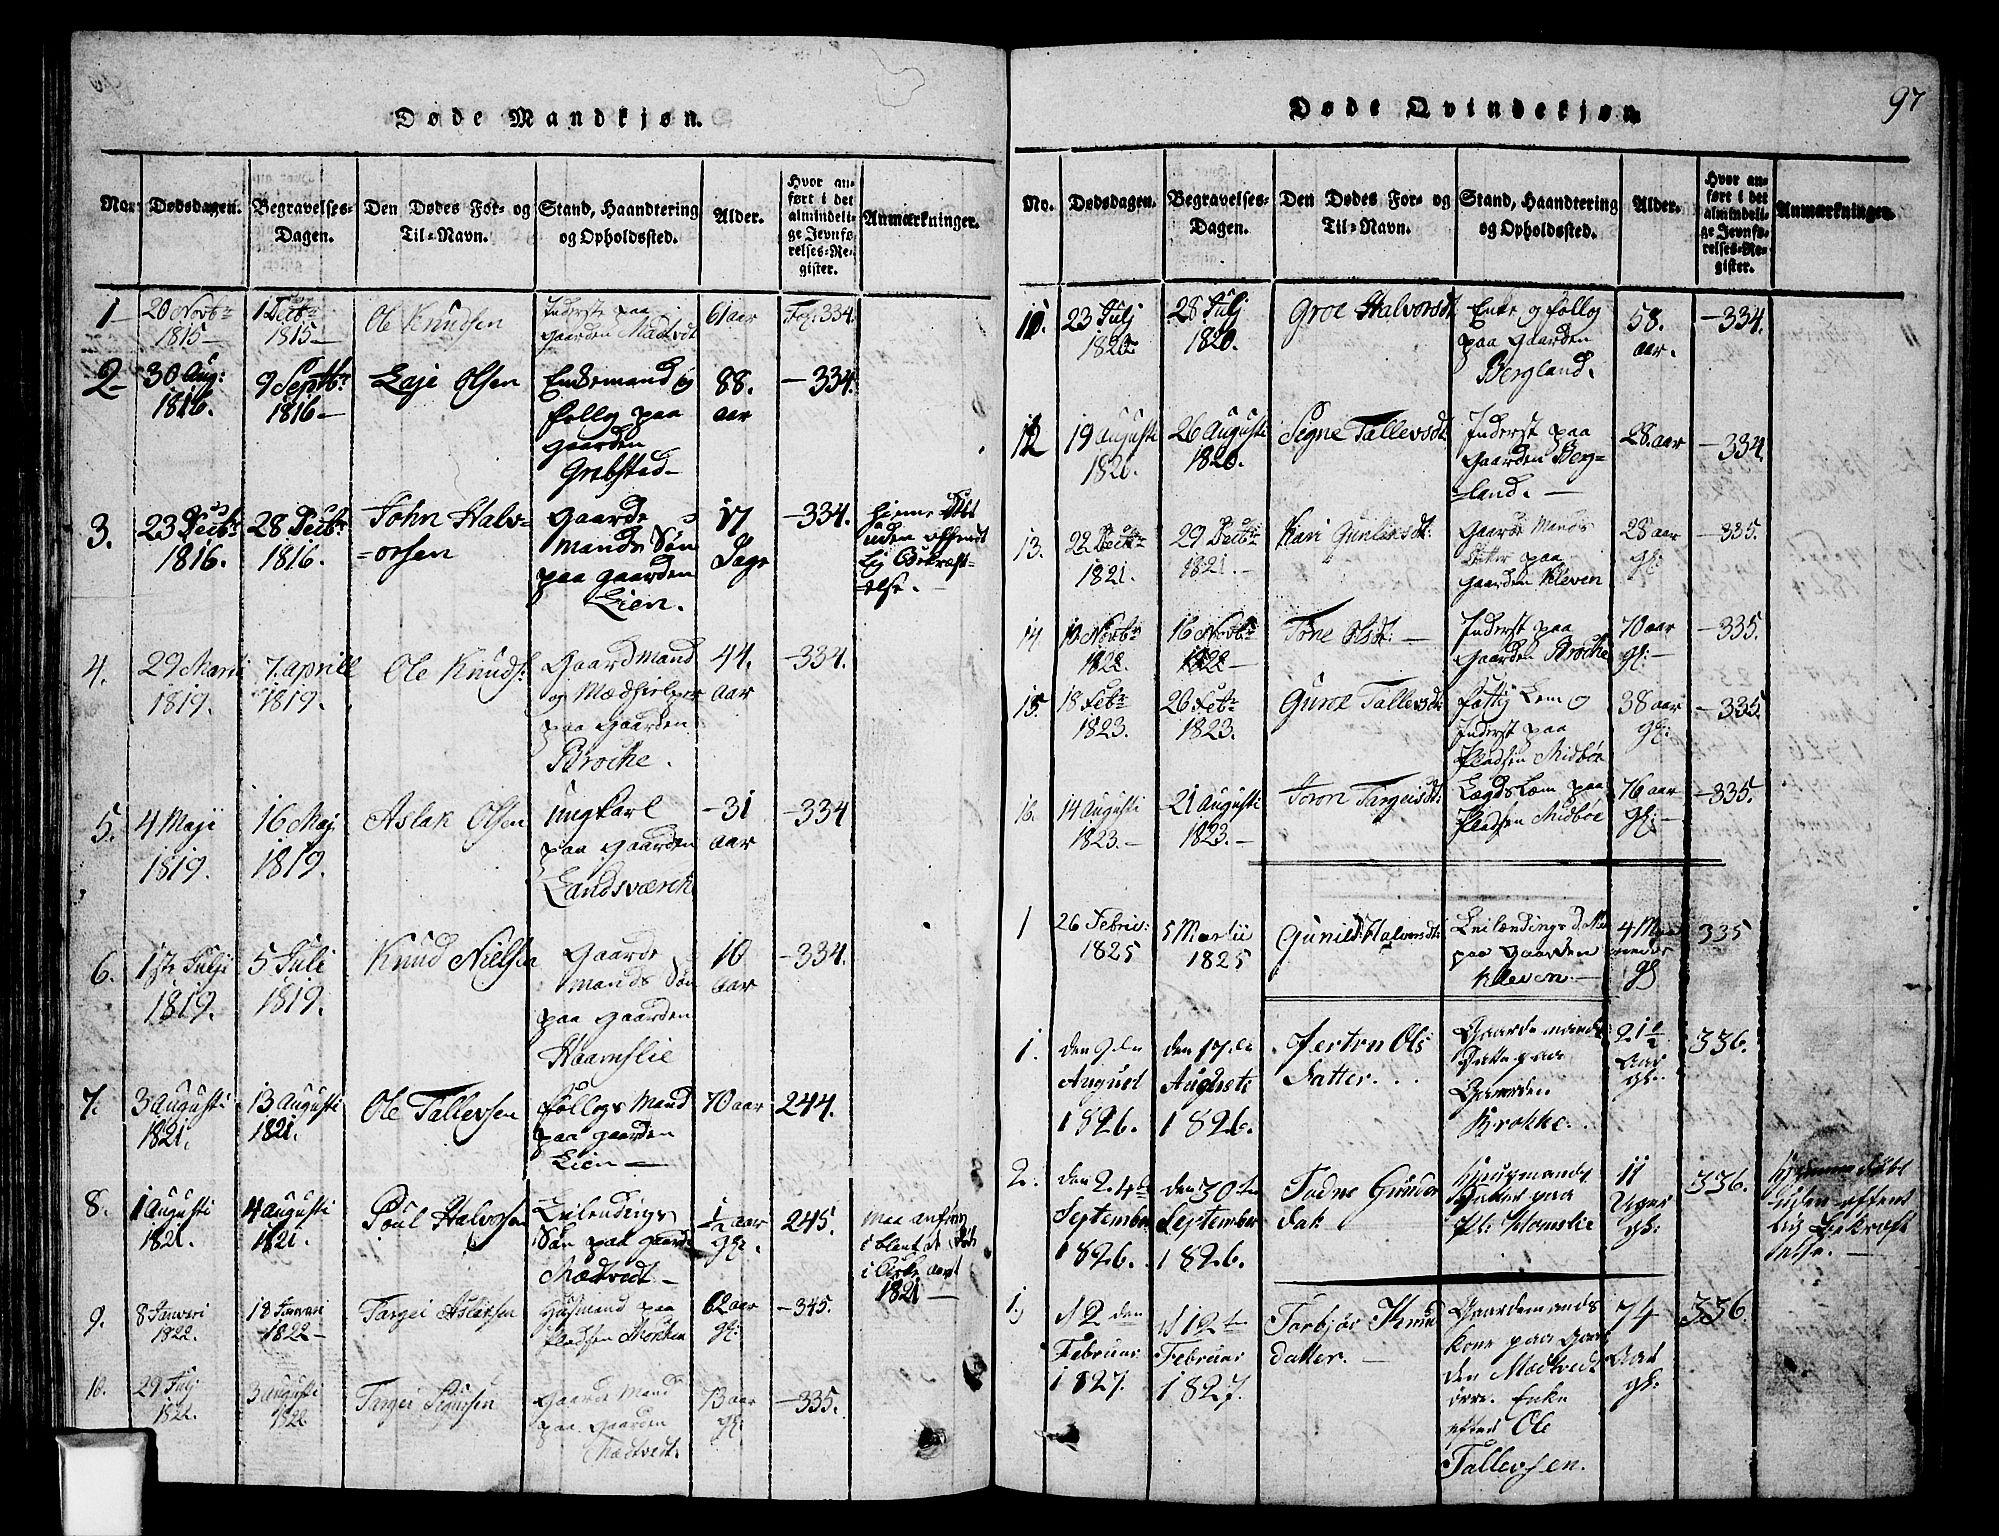 SAKO, Fyresdal kirkebøker, G/Ga/L0002: Klokkerbok nr. I 2, 1815-1857, s. 97